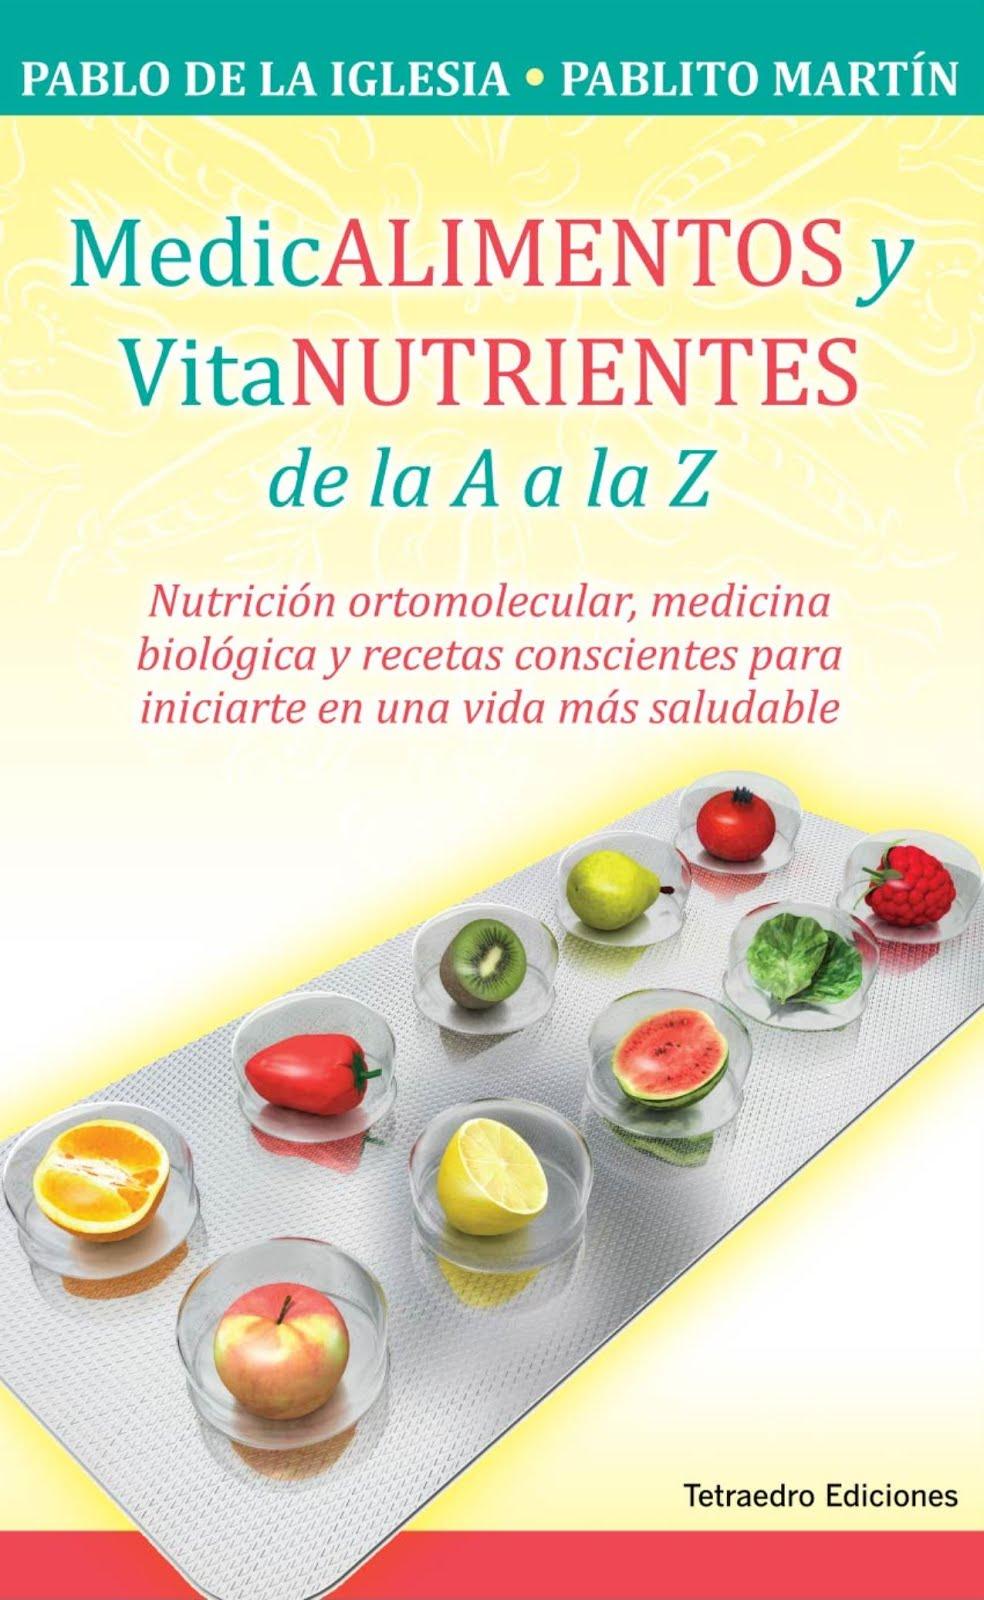 Medicalimentos y Vitanutrientes (Tetraedro)